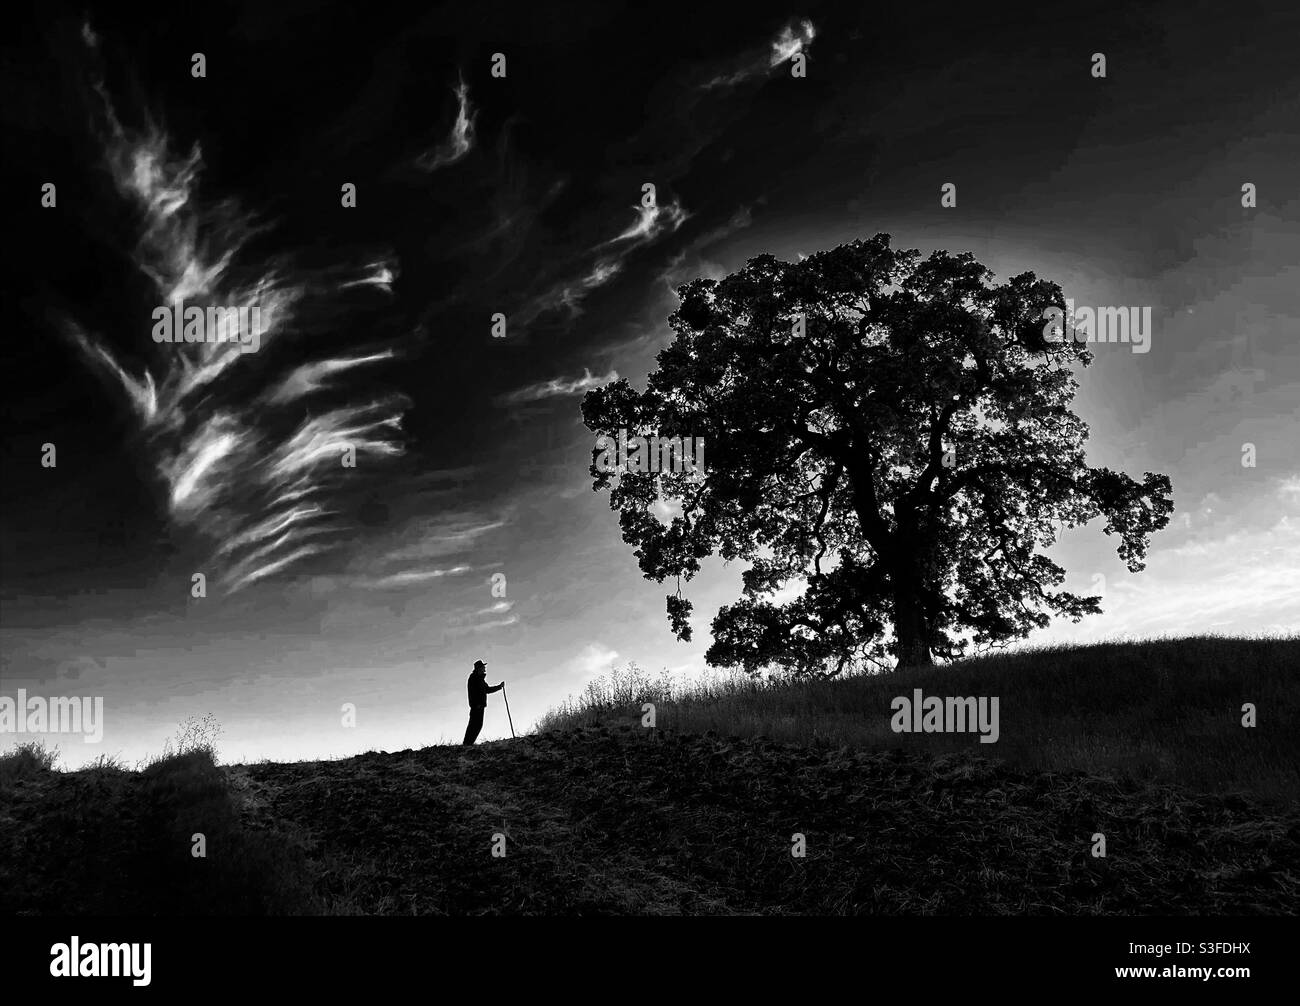 Uomo con cappello e bastone a piedi da un albero di quercia, in bianco e nero Foto Stock